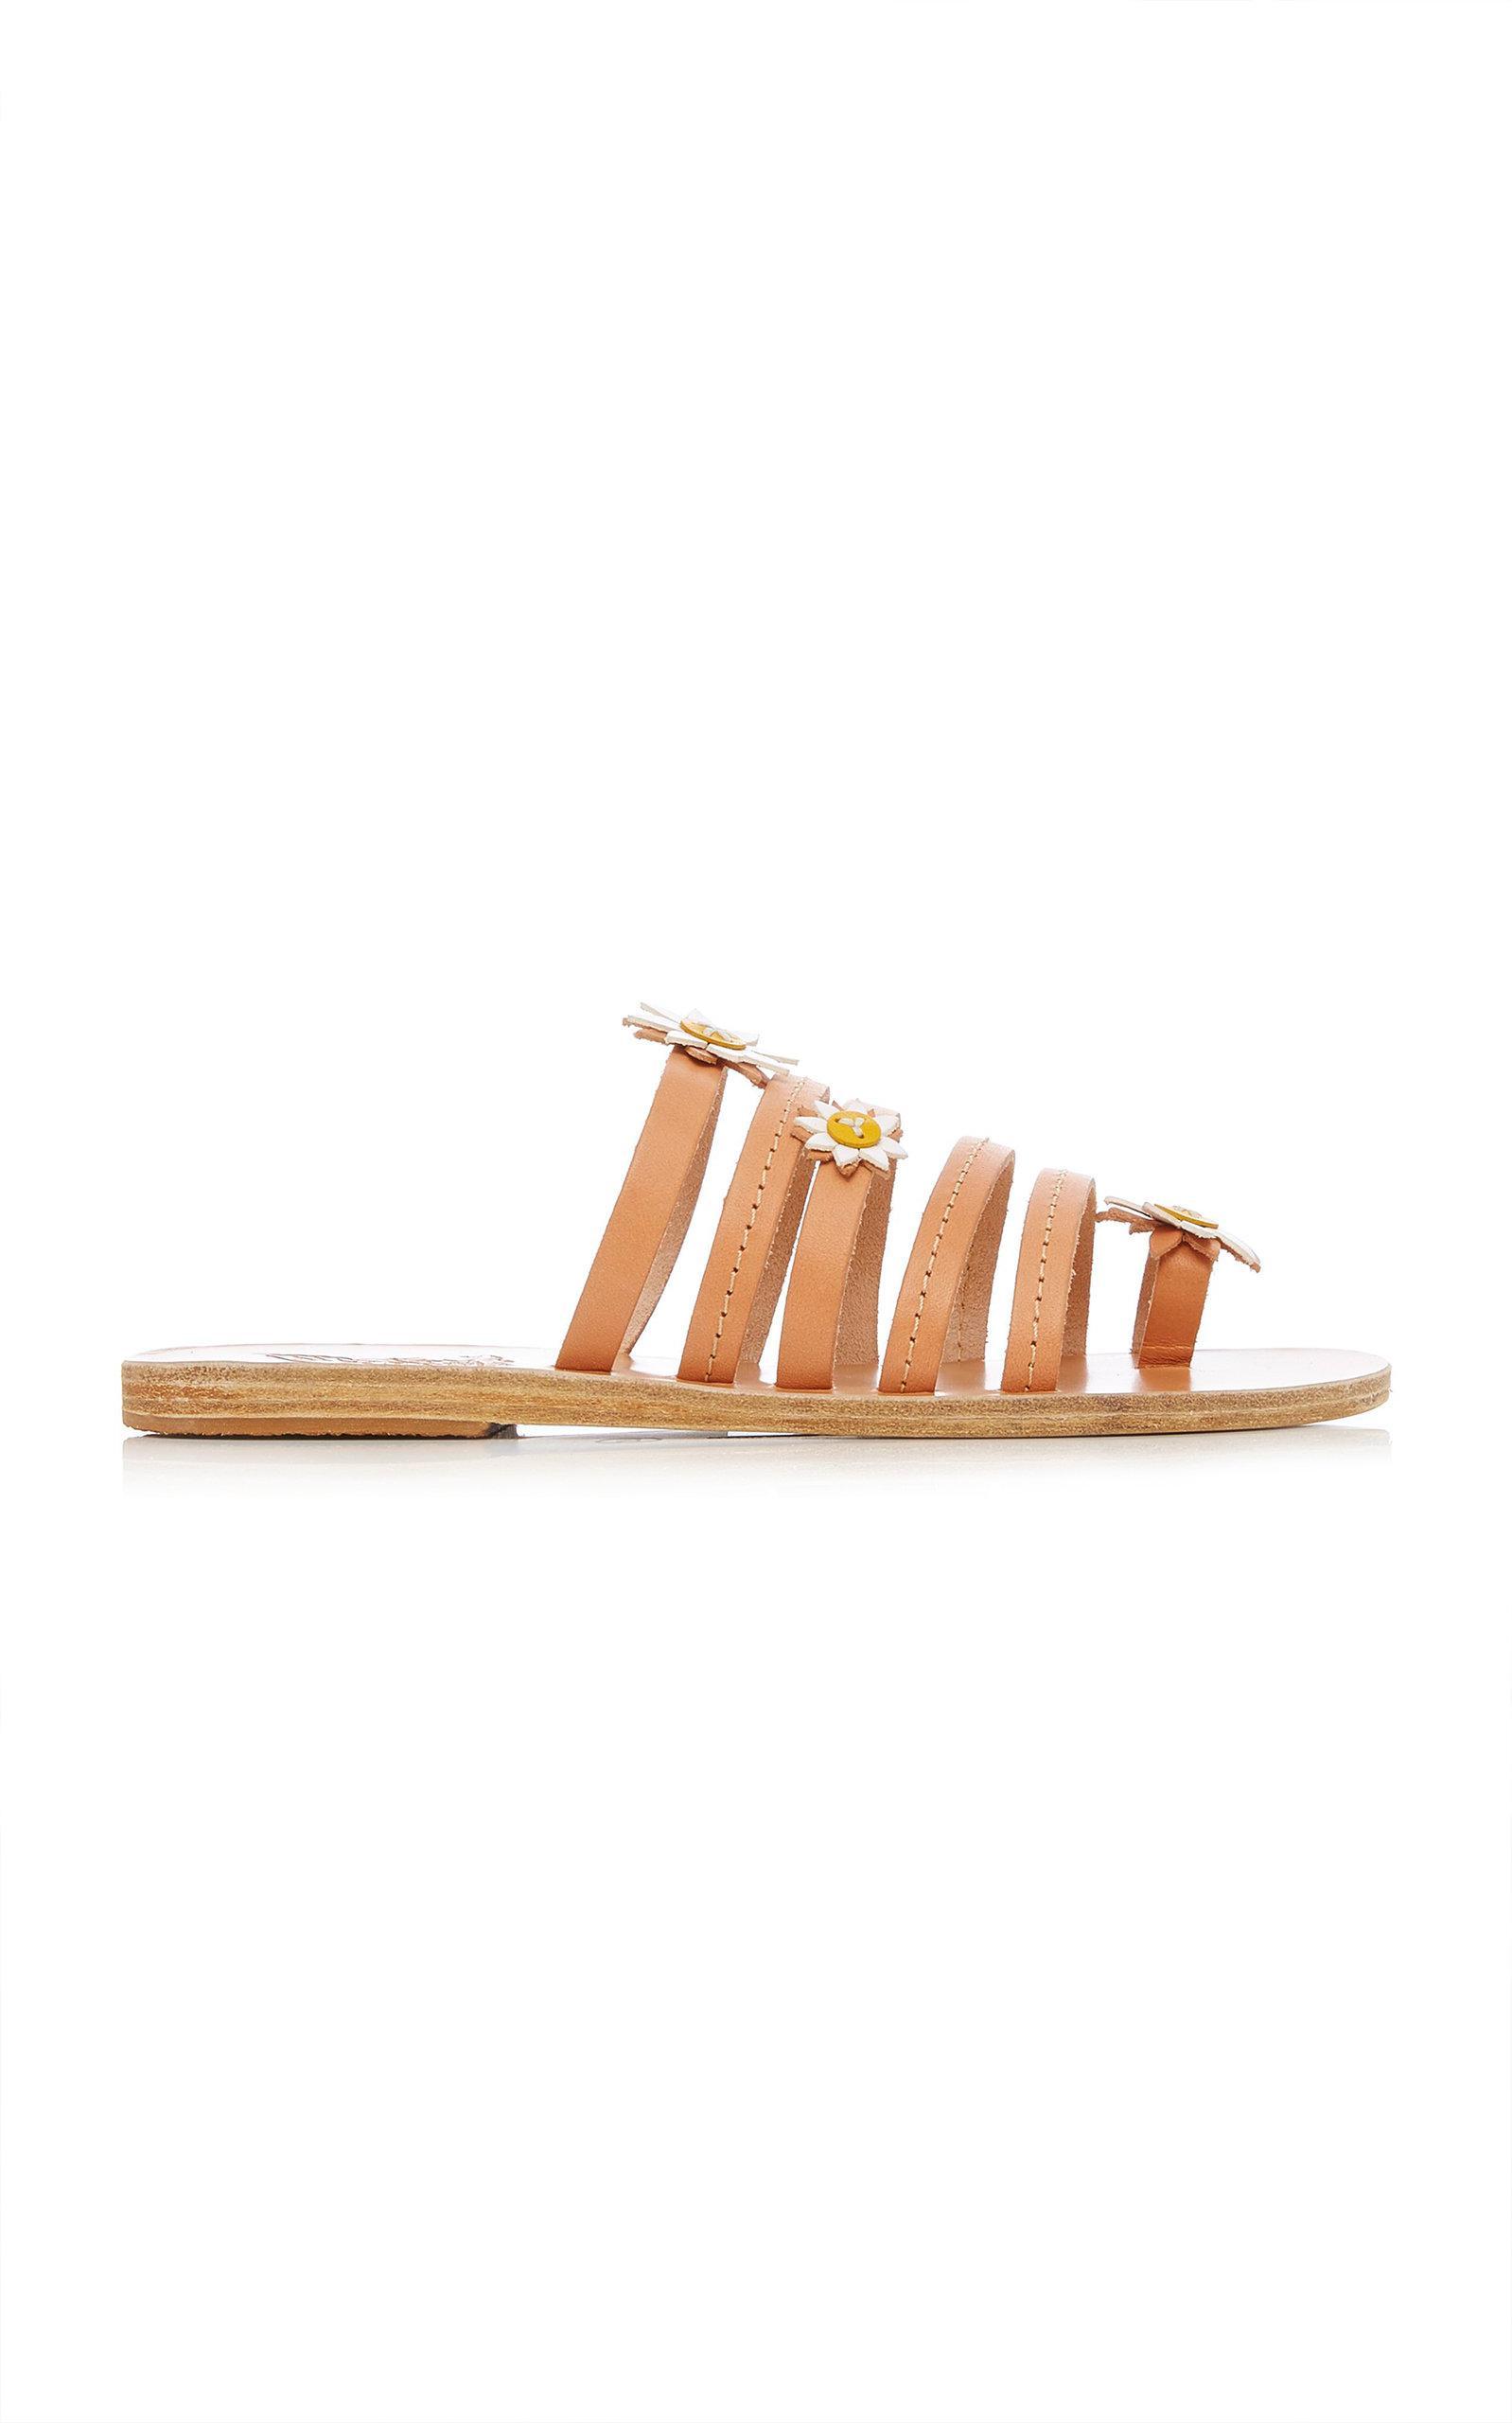 Victoria Floral-Embellished Leather Slides Ancient Greek Sandals 5ODXgIo